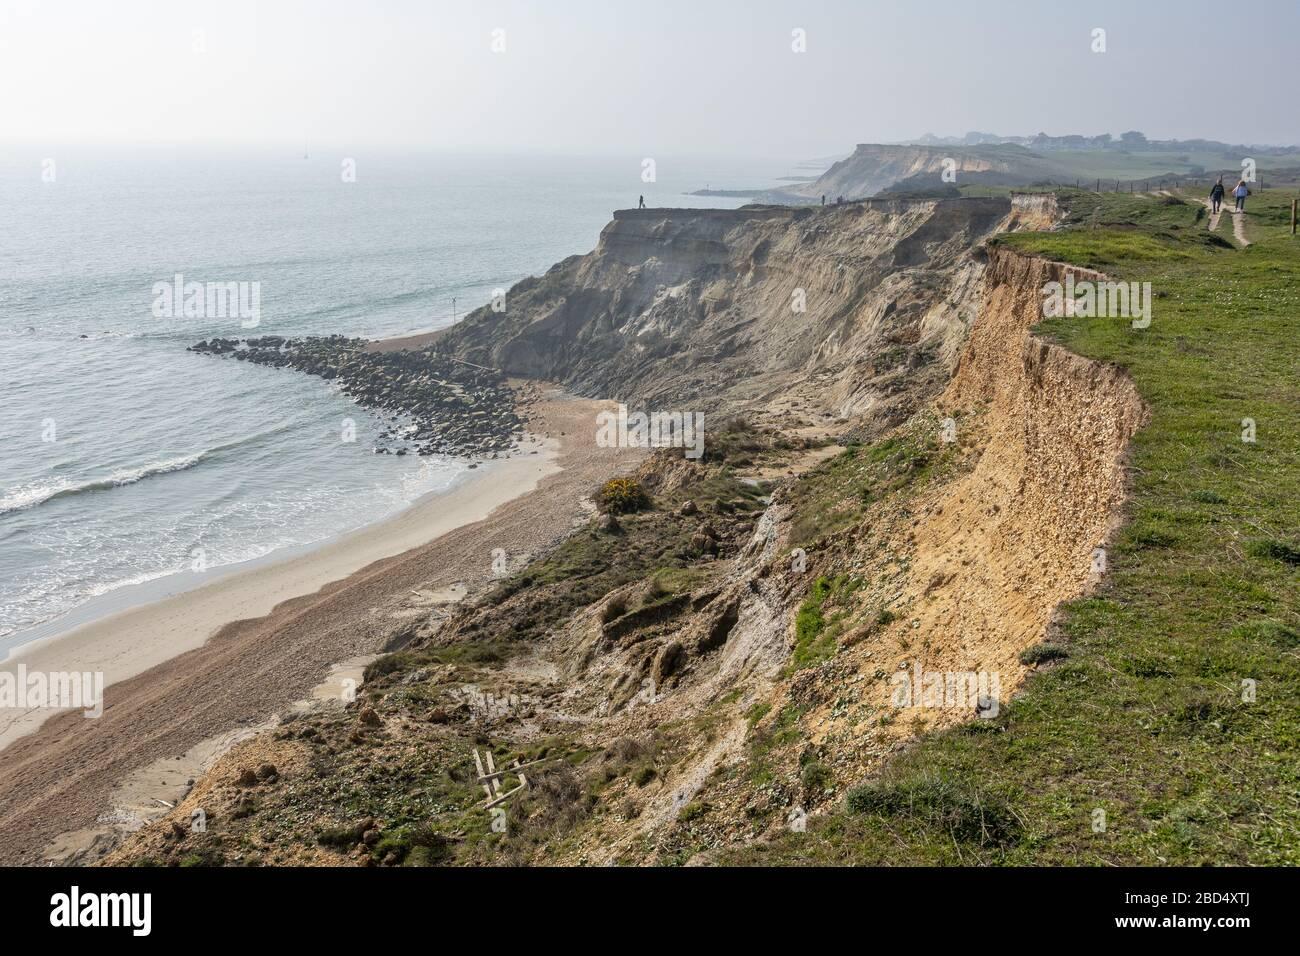 Erosión costera a lo largo de la costa entre Milford-on-sea y Barton-on-sea en Hampshire, Inglaterra, Reino Unido Foto de stock